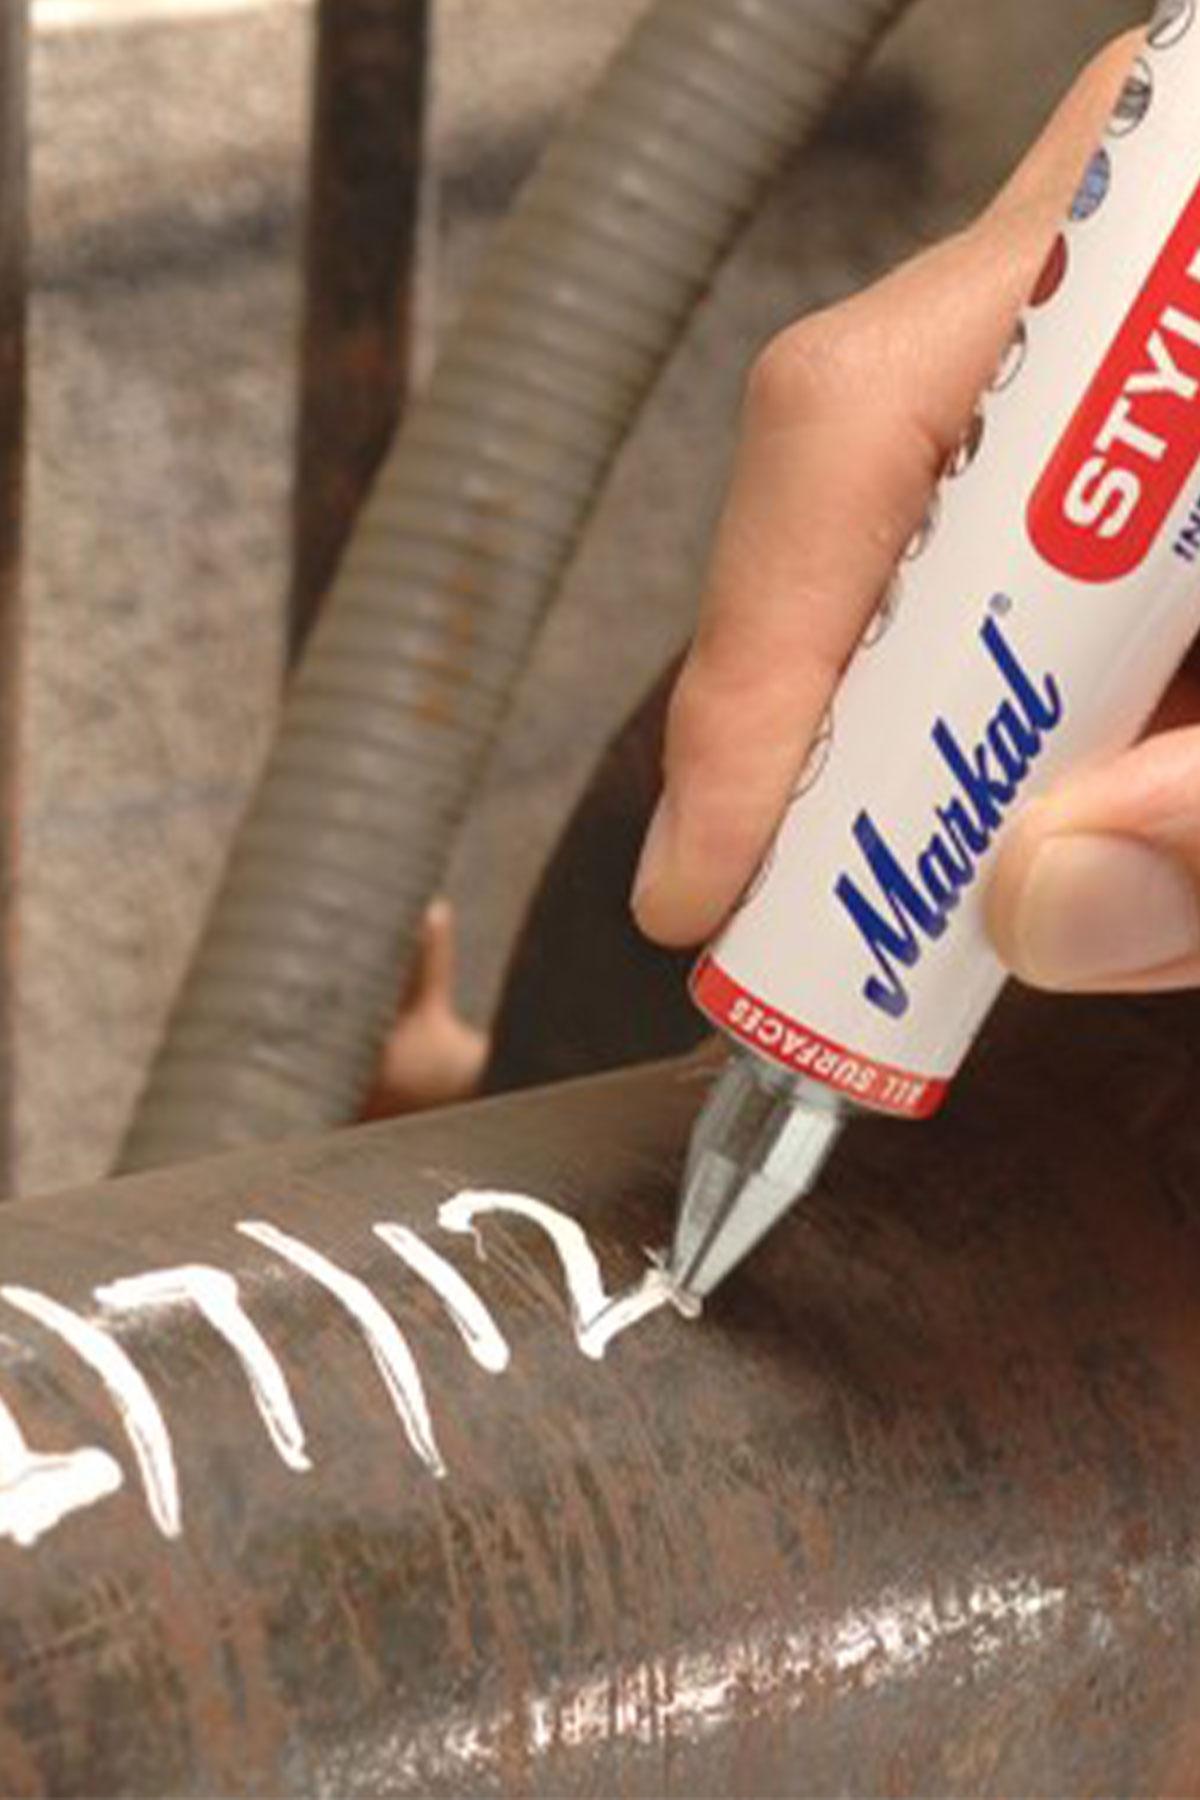 Markal STYLMARK Marker 6mm